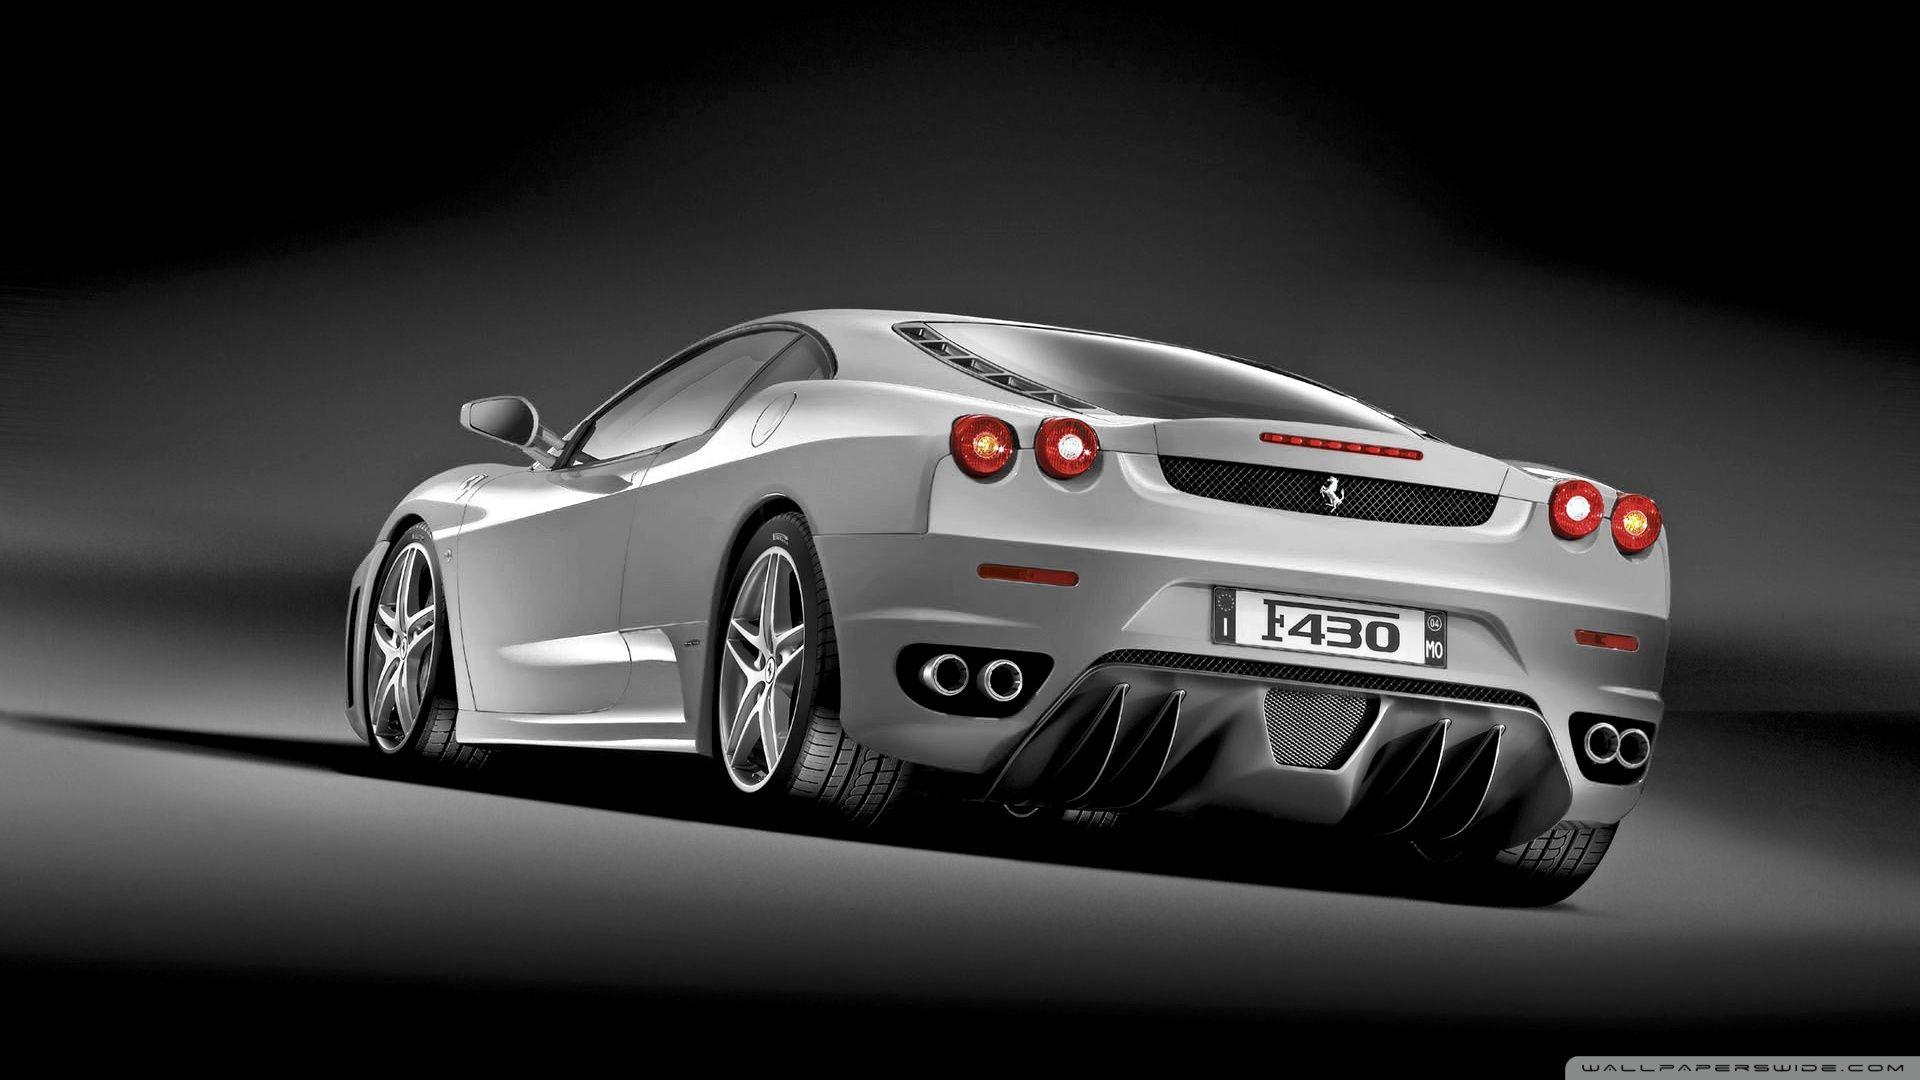 Ferrari Sport Car HD Desktop Wallpaper Widescreen High